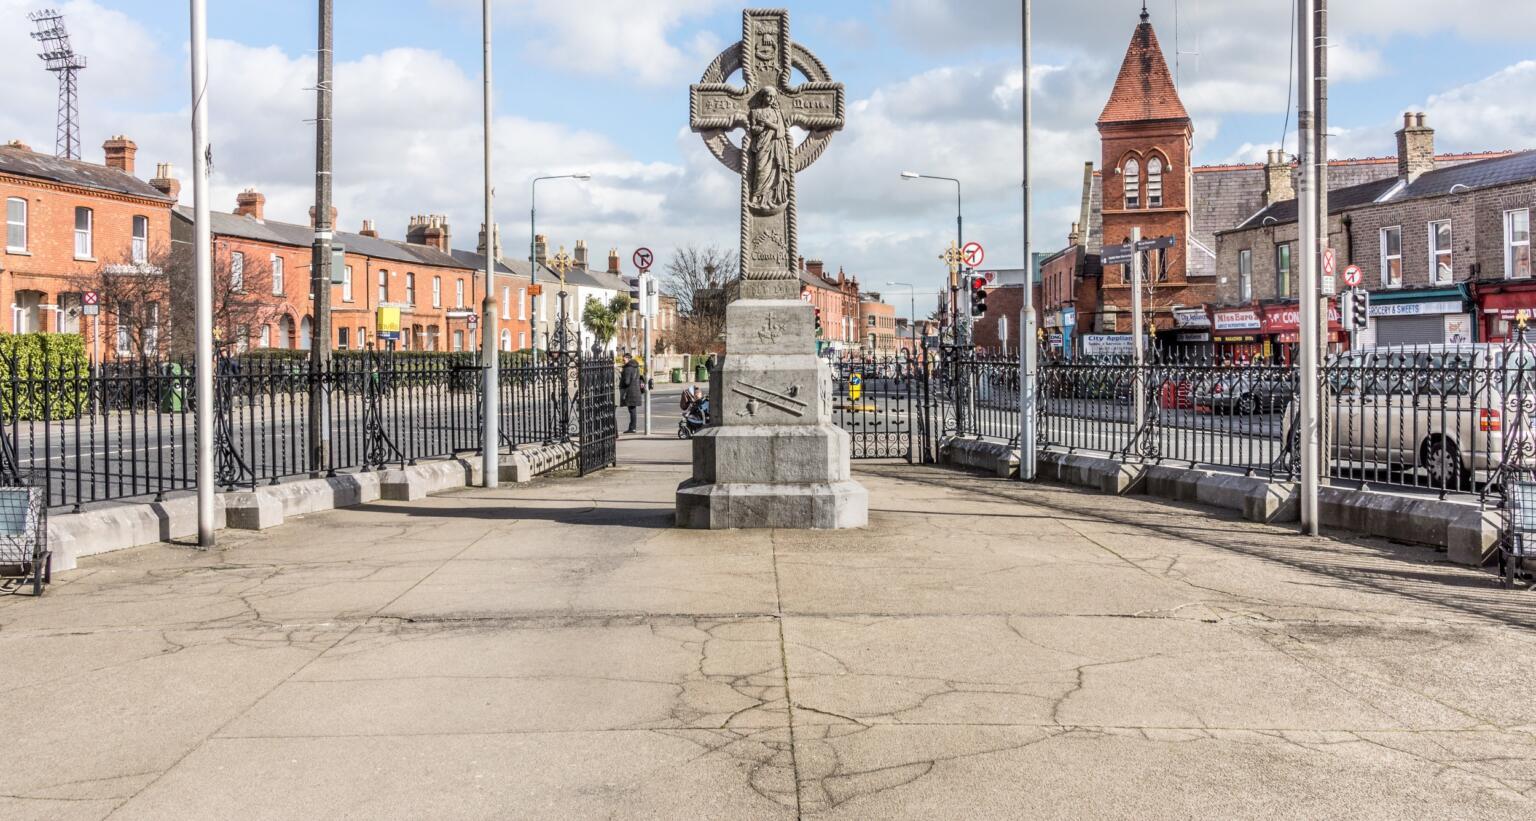 Phibsborough, Dublin